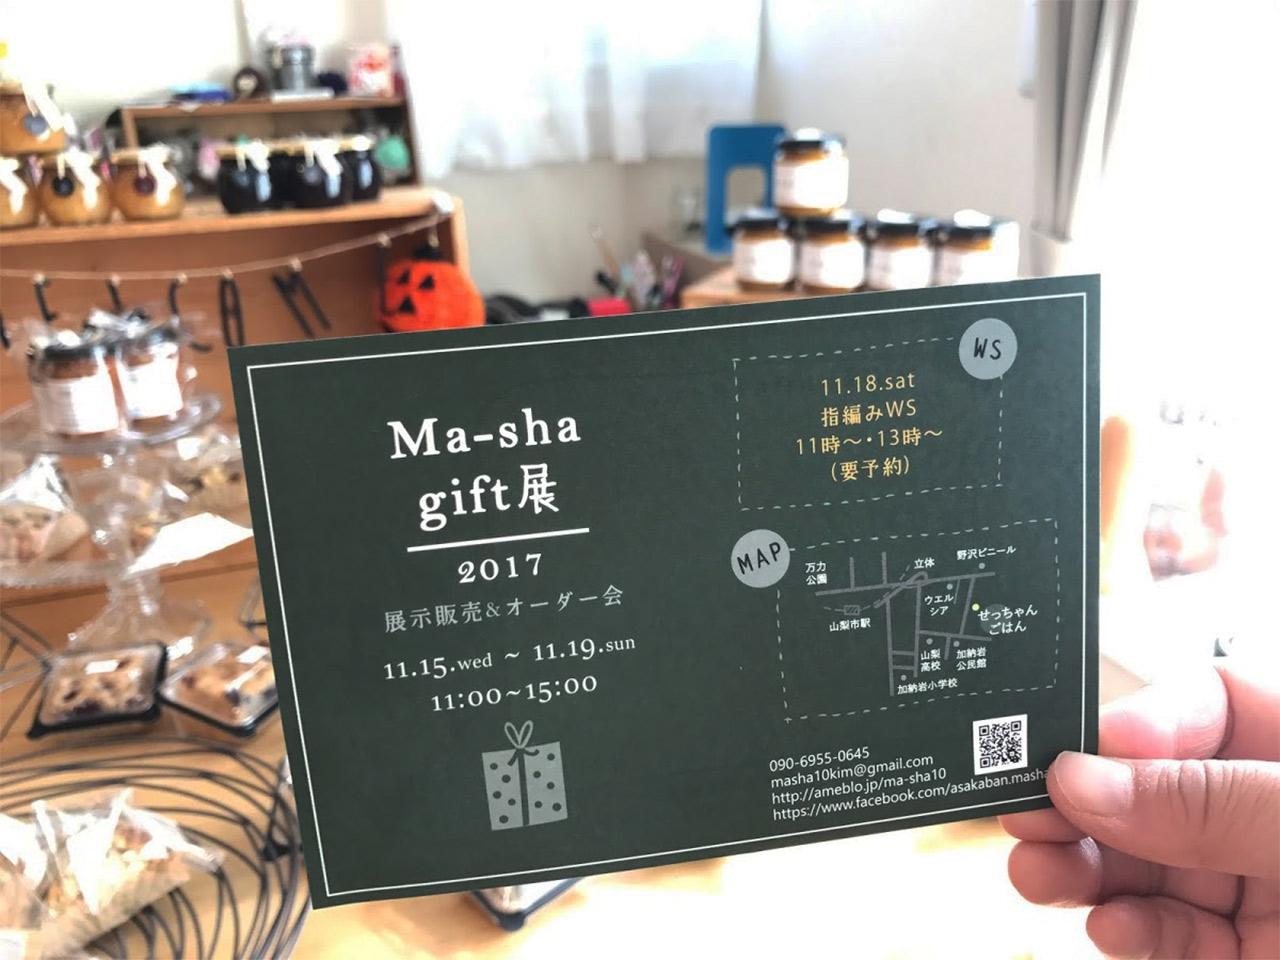 Ma-sa ギフト展 個展